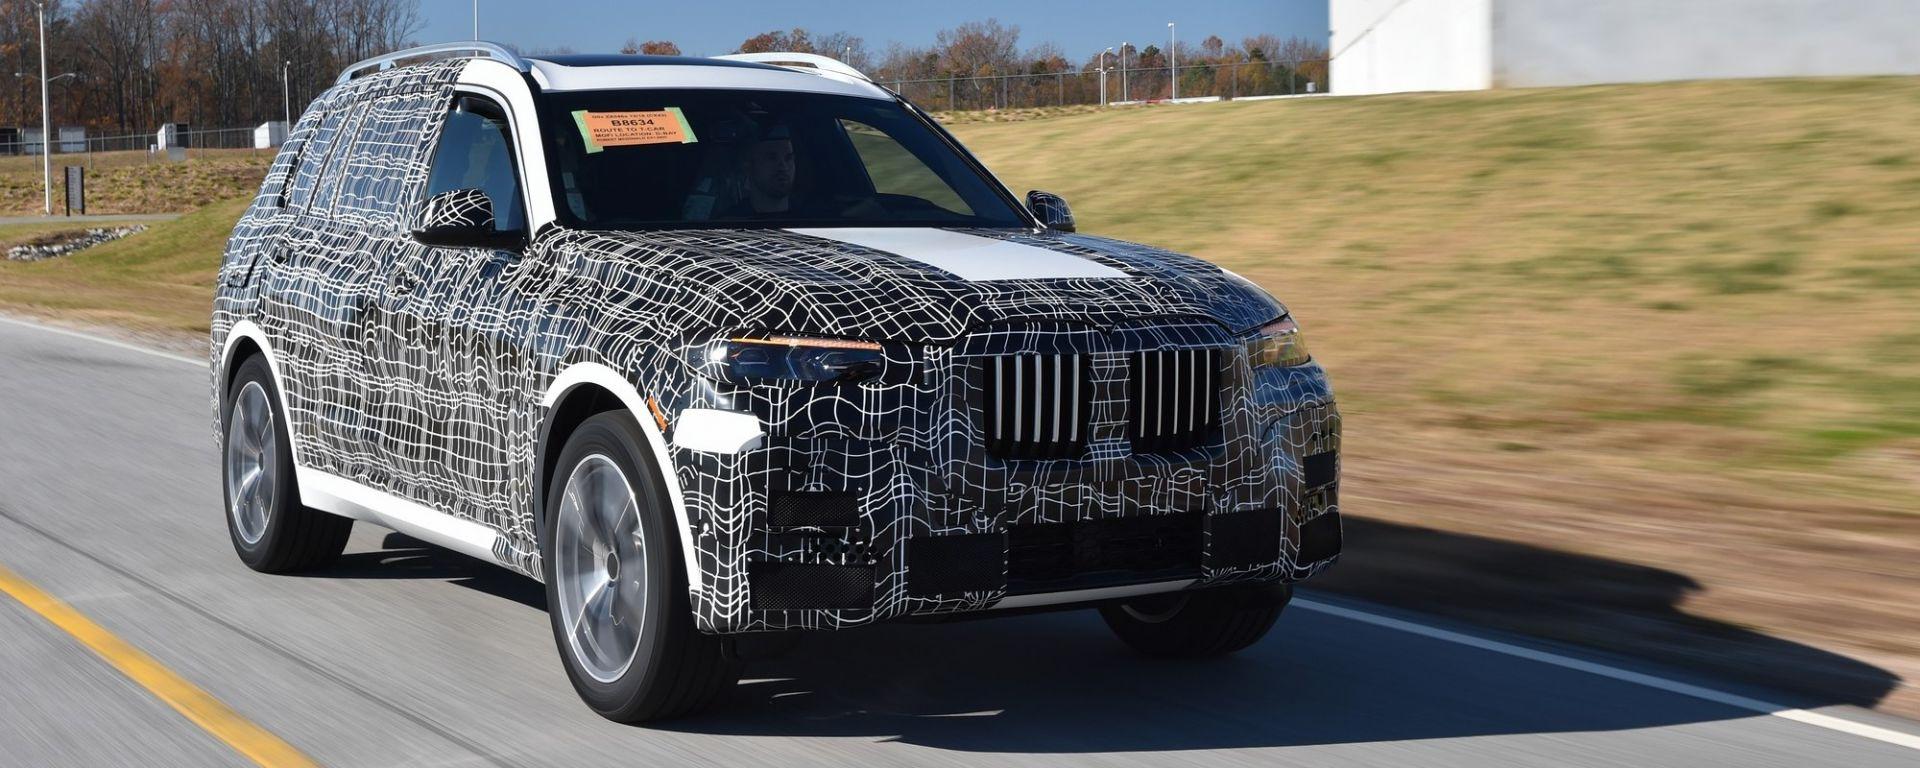 BMW X7: le prime immagini ufficiali